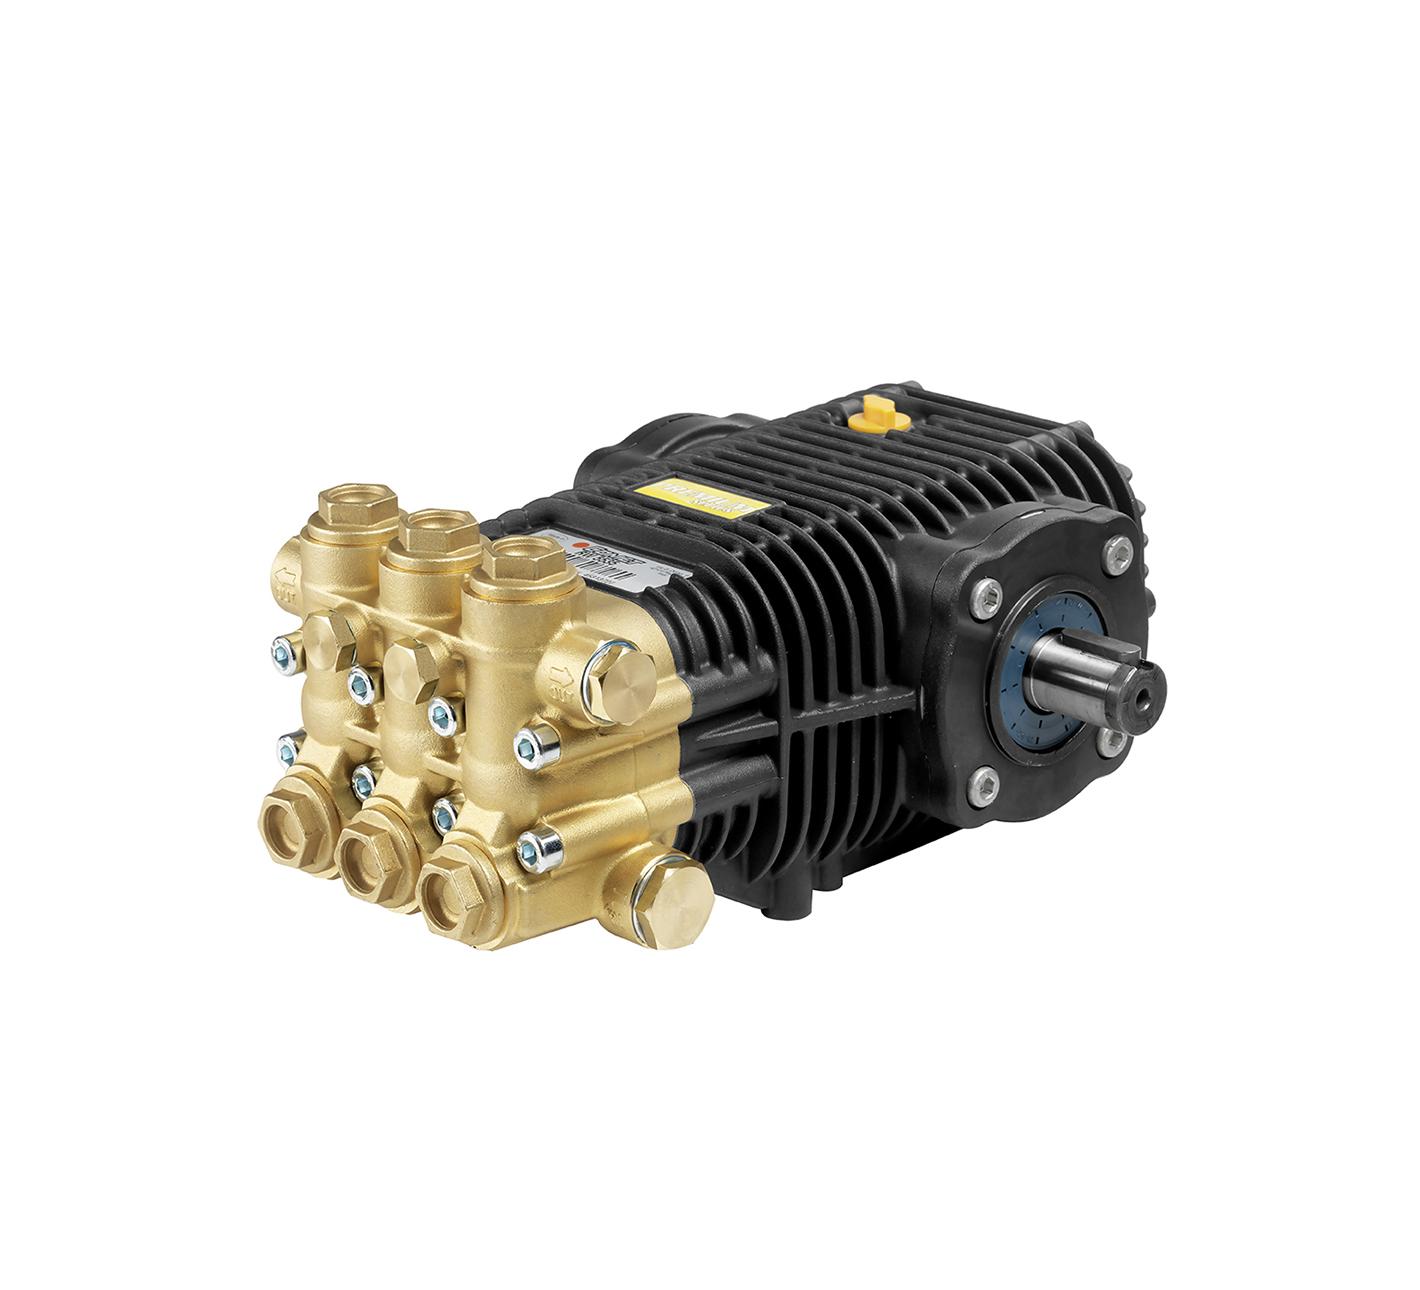 RWS - S24 Comet Industrial Pumps